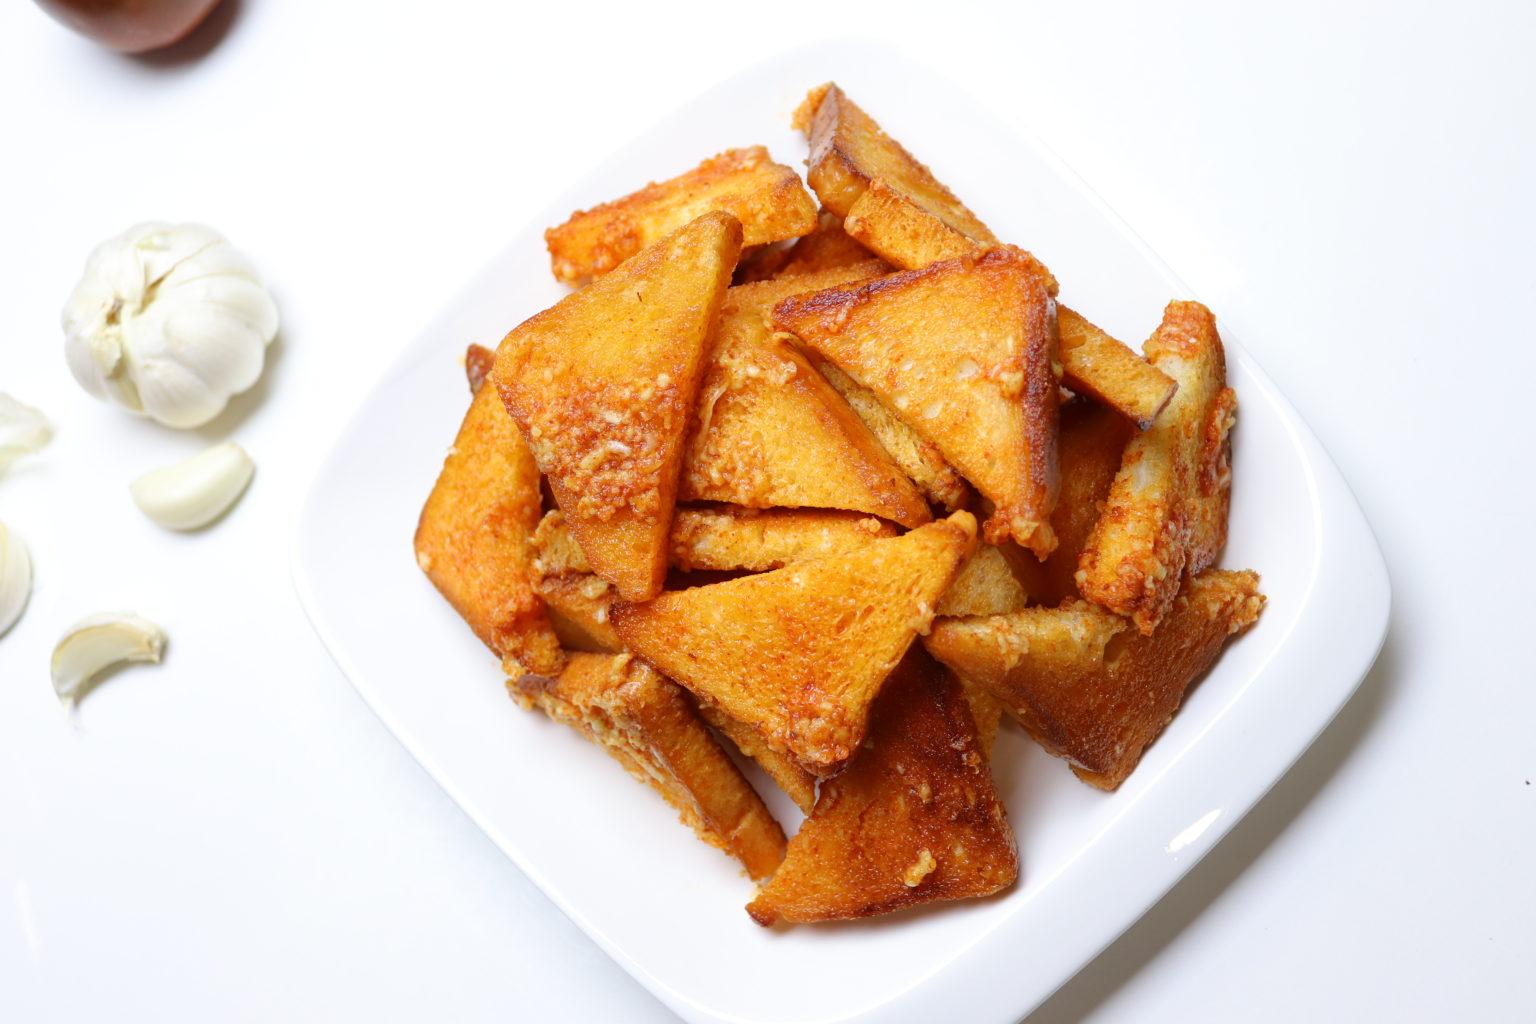 Ķiploku grauzdiņu recepete. Uzkodu recepte